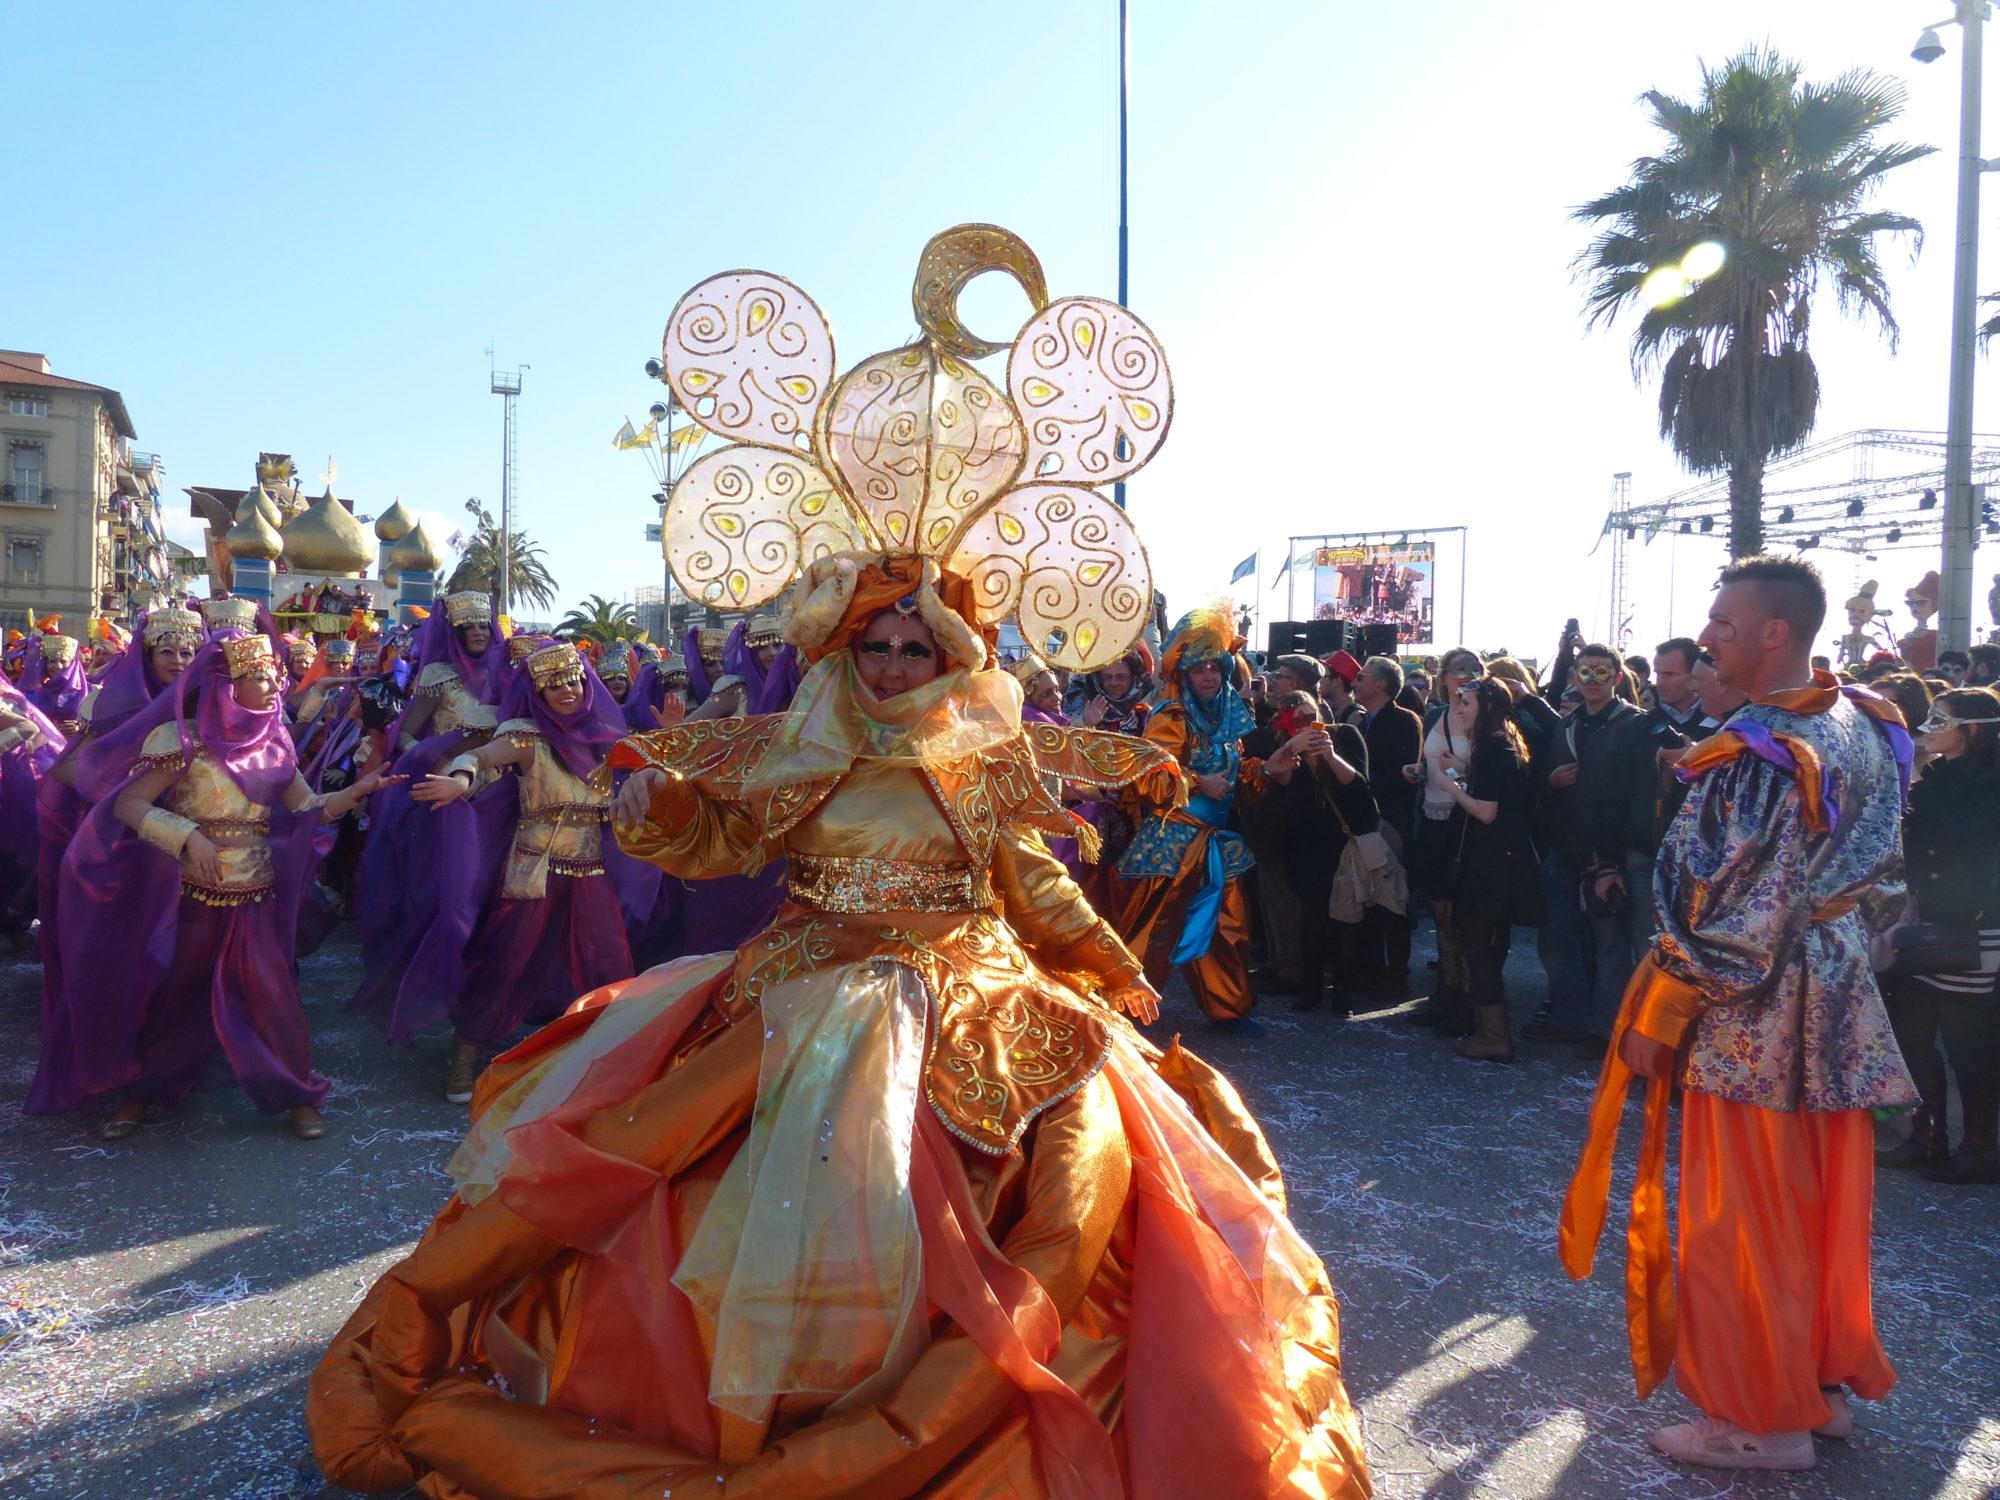 Viareggio costumes